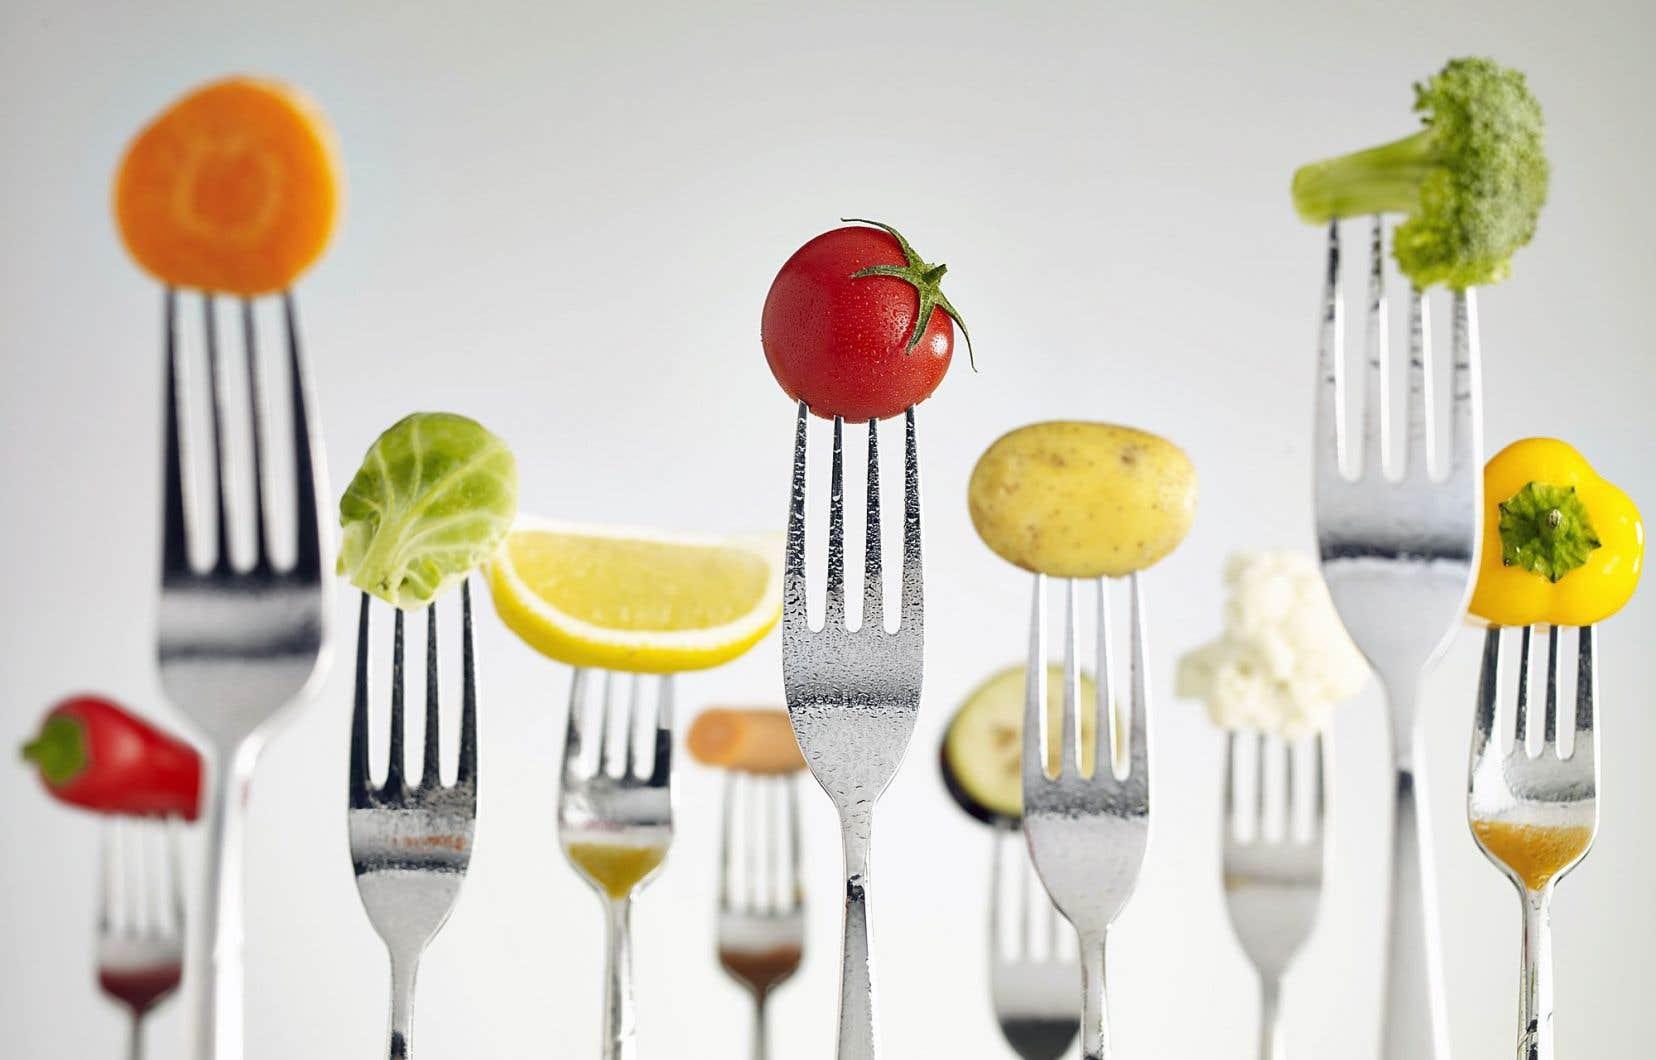 Un Sommet sur l'alimentation se tiendra en novembre2017. Le ministre de l'Agriculture, Pierre Paradis, a prévu trois rencontres préparatoires, la dernière devant avoir lieu en mai prochain.